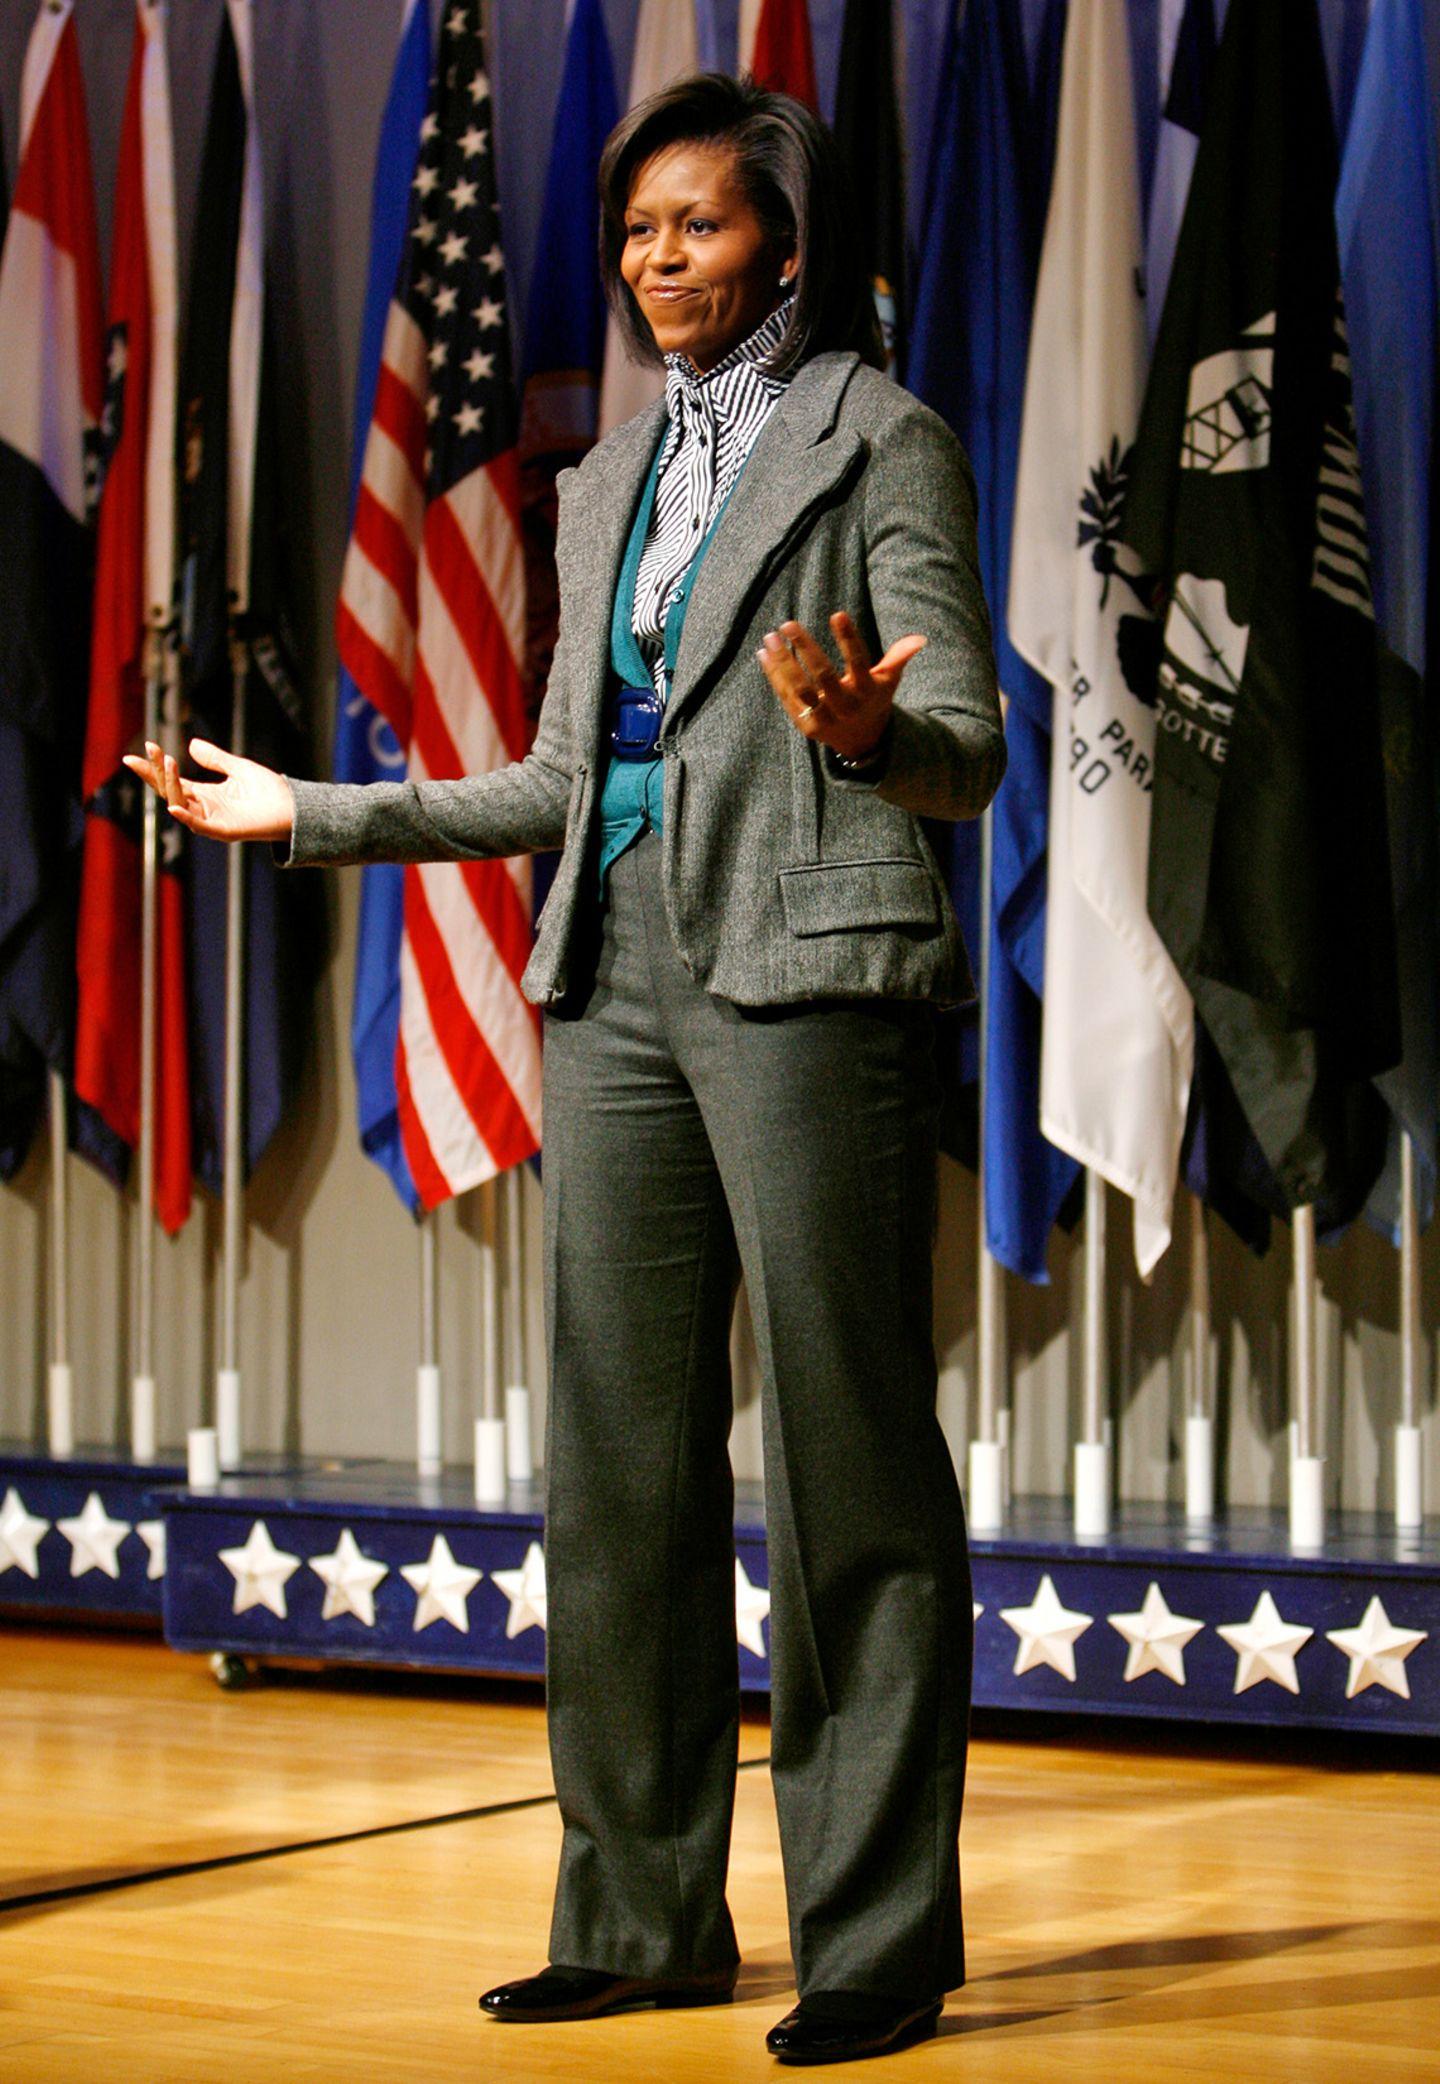 First Lady Michelle Obama kann sogar den etwas biedern Lehrer-Look im Tweed-Anzug stylisch aussehen lassen.